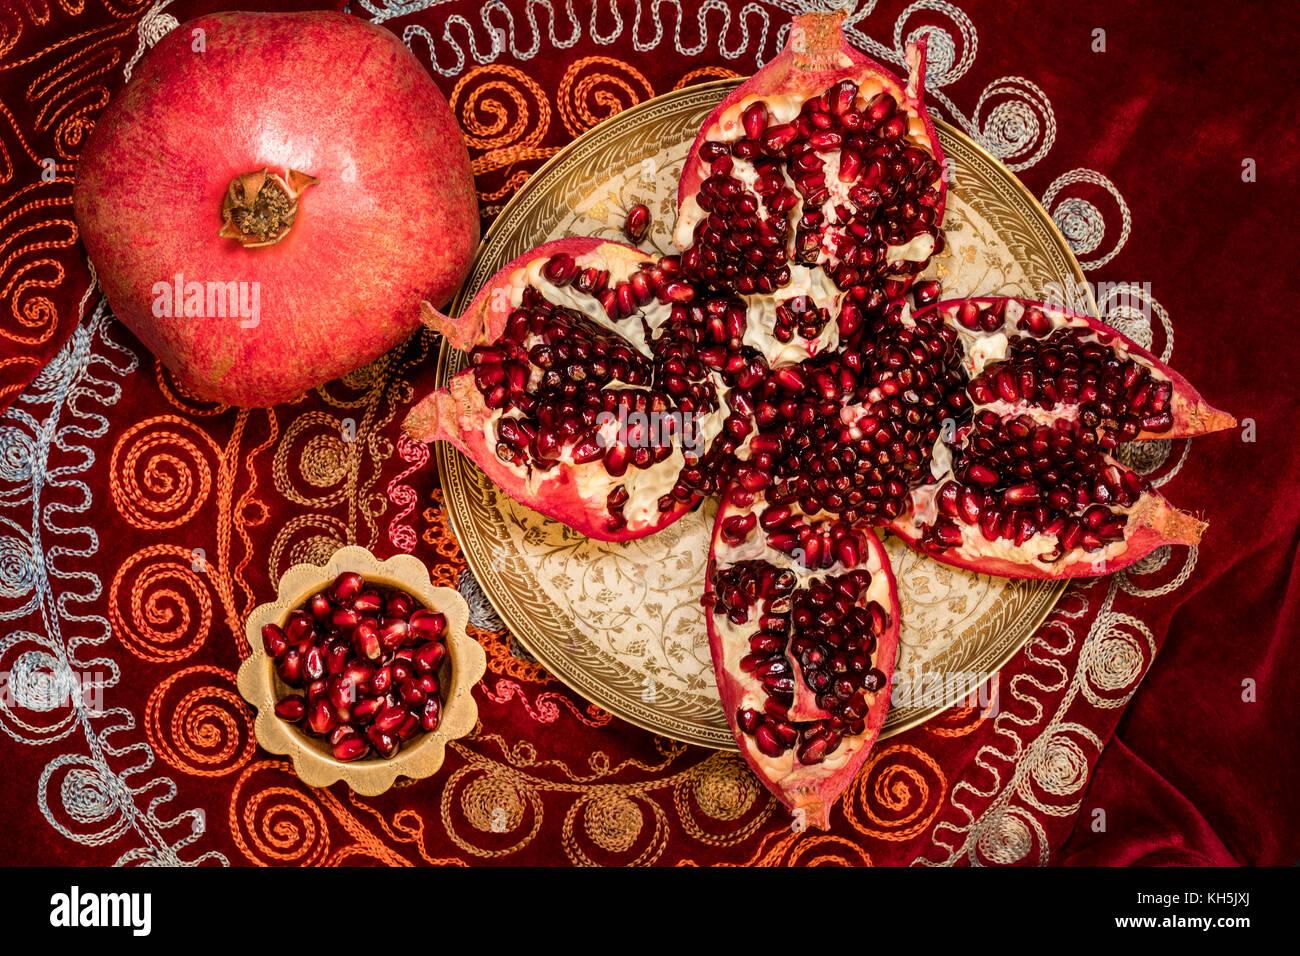 Vista superiore dei pomodori pelati melograno e grani di ruby in una ciotola sulla tovaglia orientali Immagini Stock